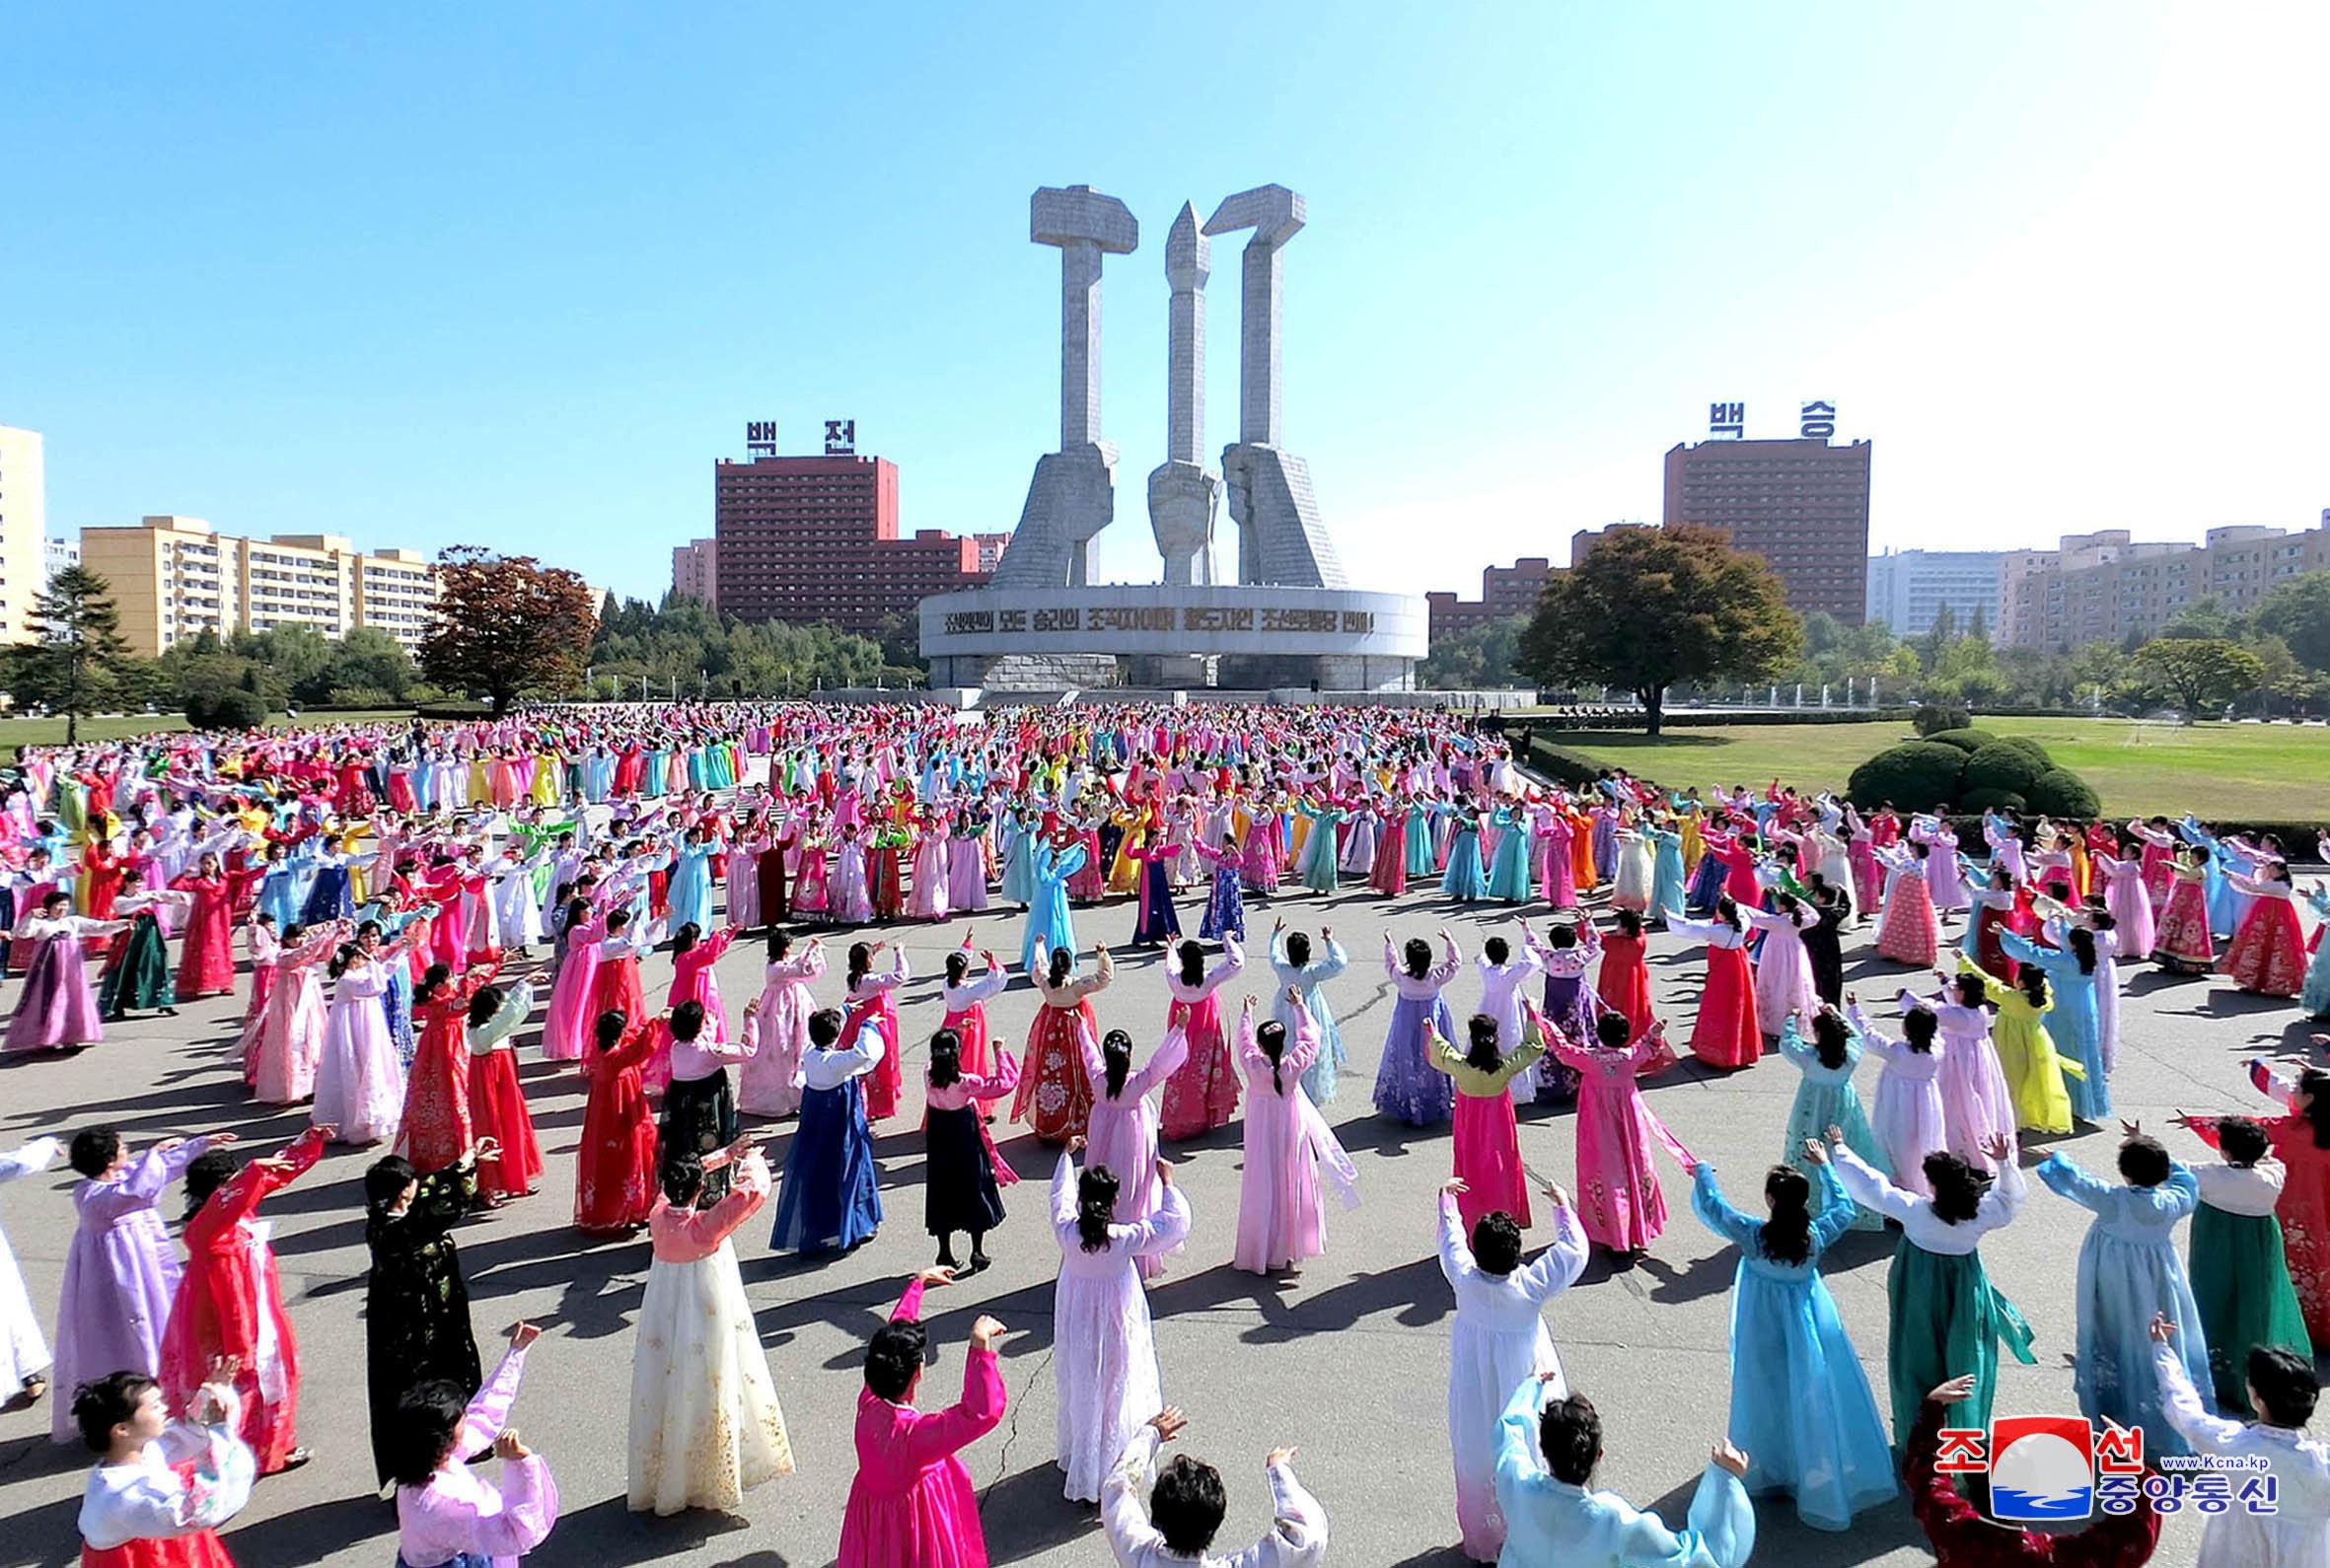 عروض راقصة أمام تمثال كبير يحمل شعار الحزب الحاكم